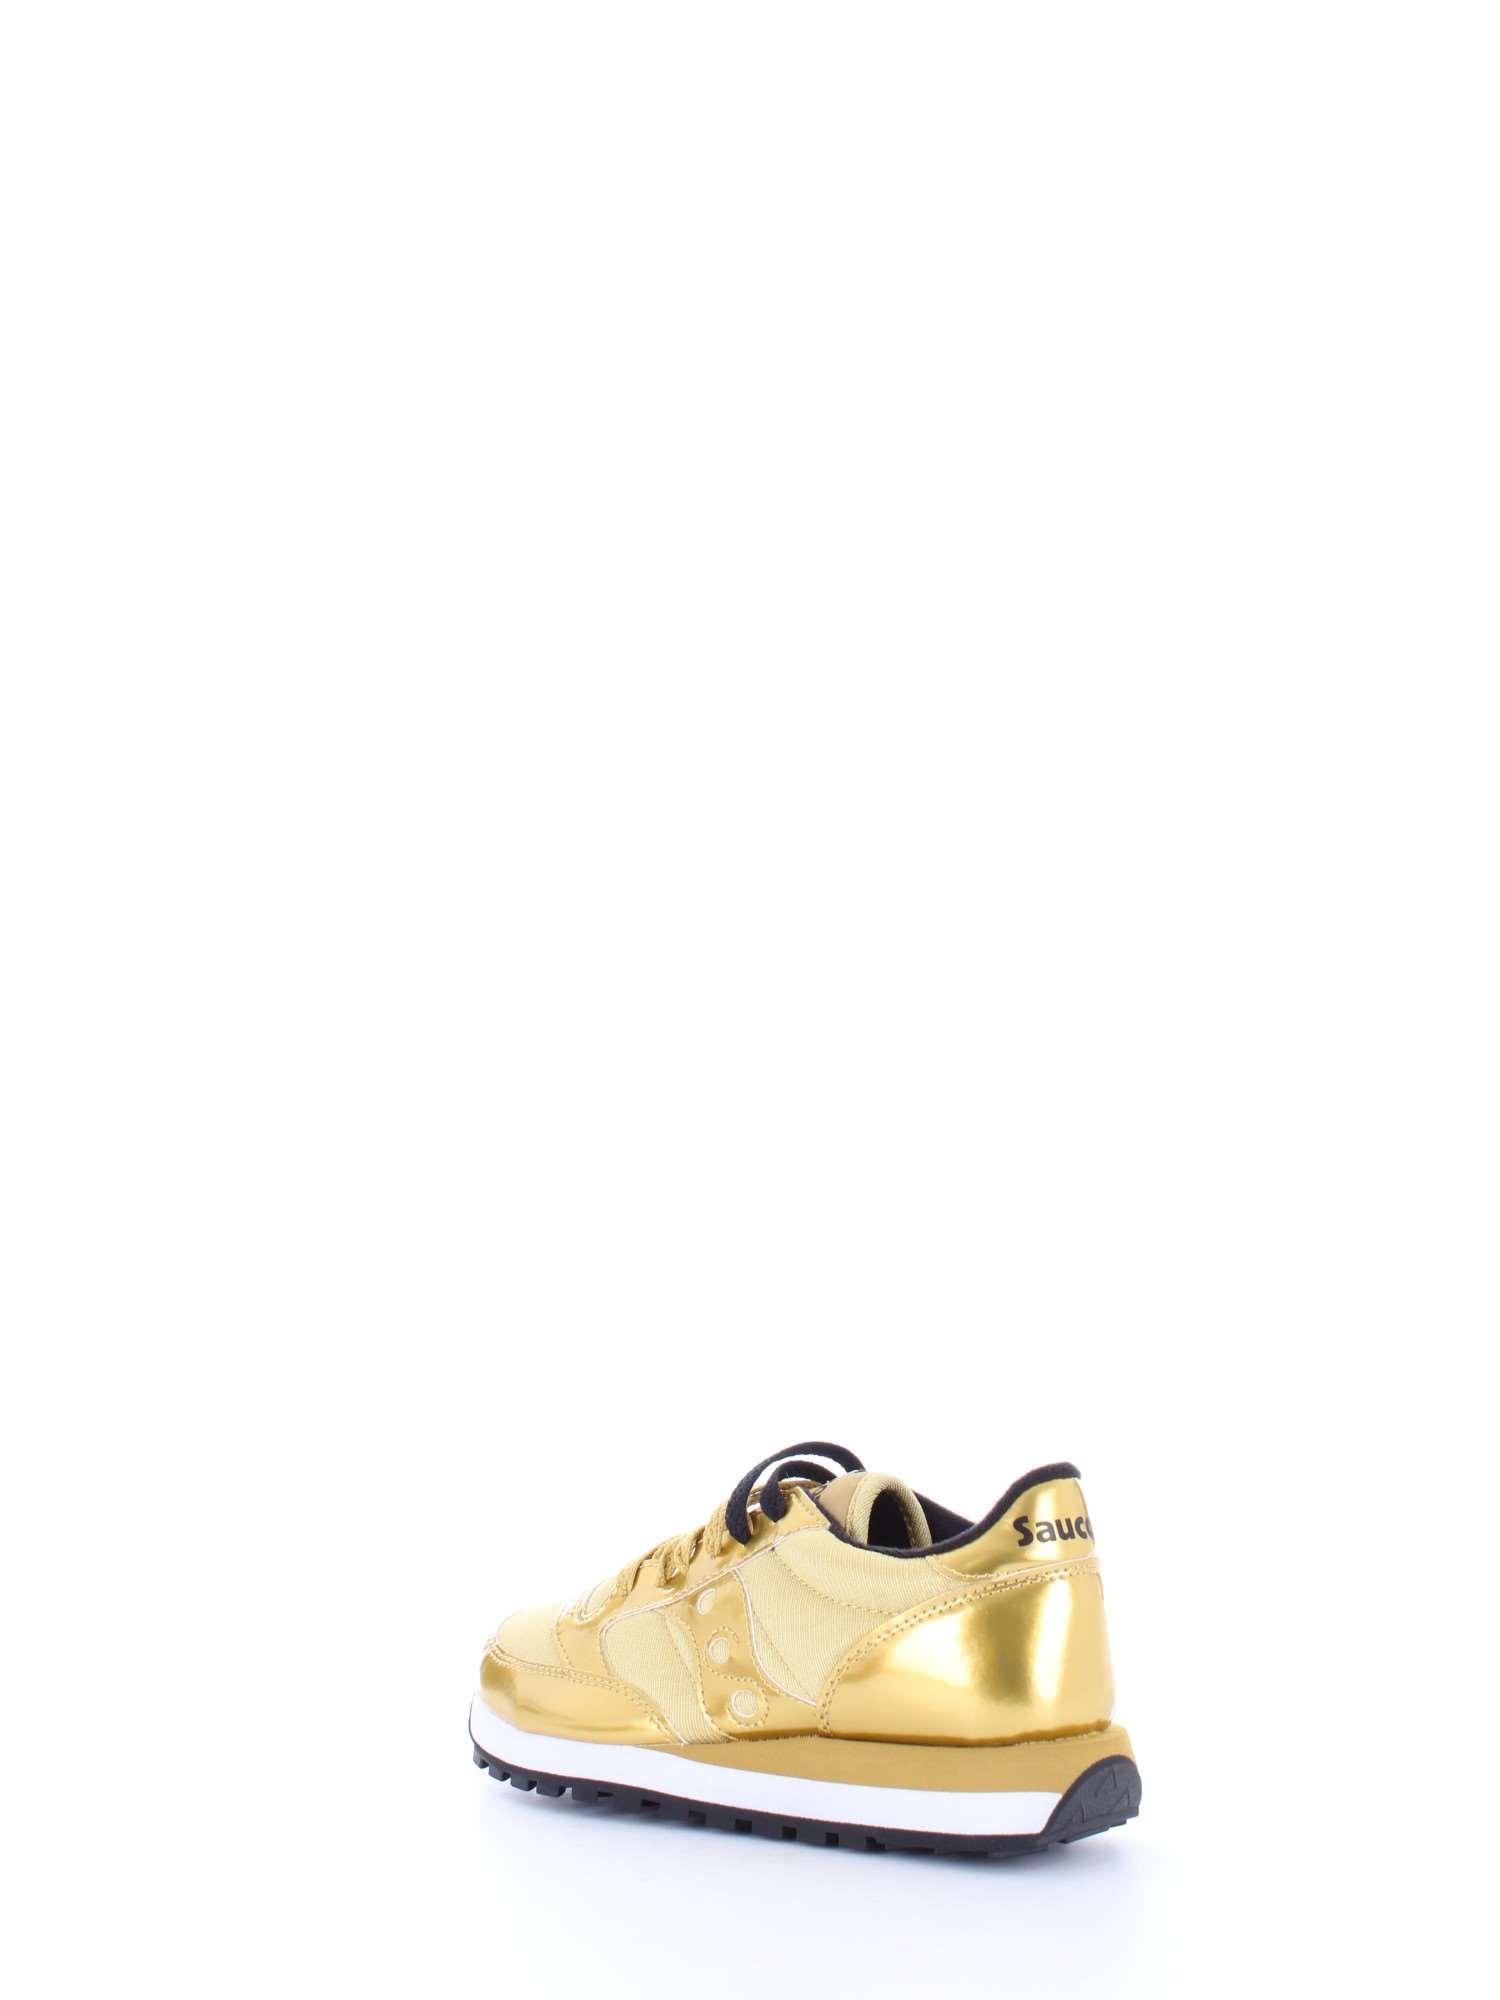 ab47075515 Dettagli su SAUCONY Donna 1044 JAZZ METALLIC Oro-460 Sneakers  Primavera/Estate pelle nylon